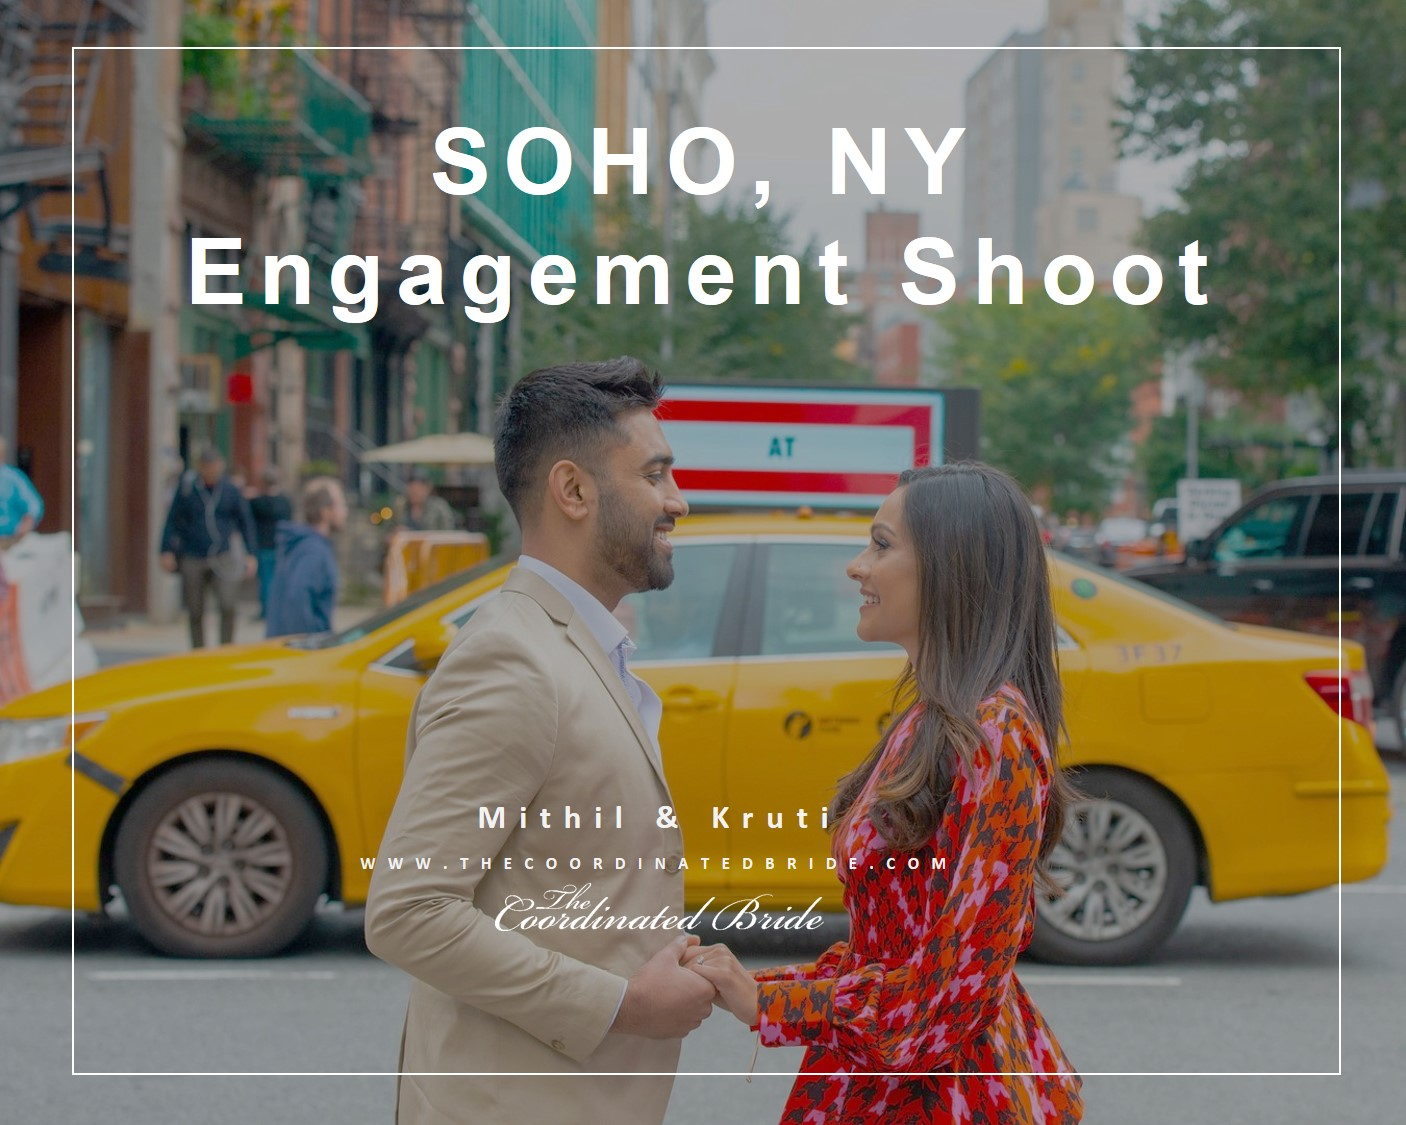 SOHO, NY Engagement Shoot Mithil & Kruti